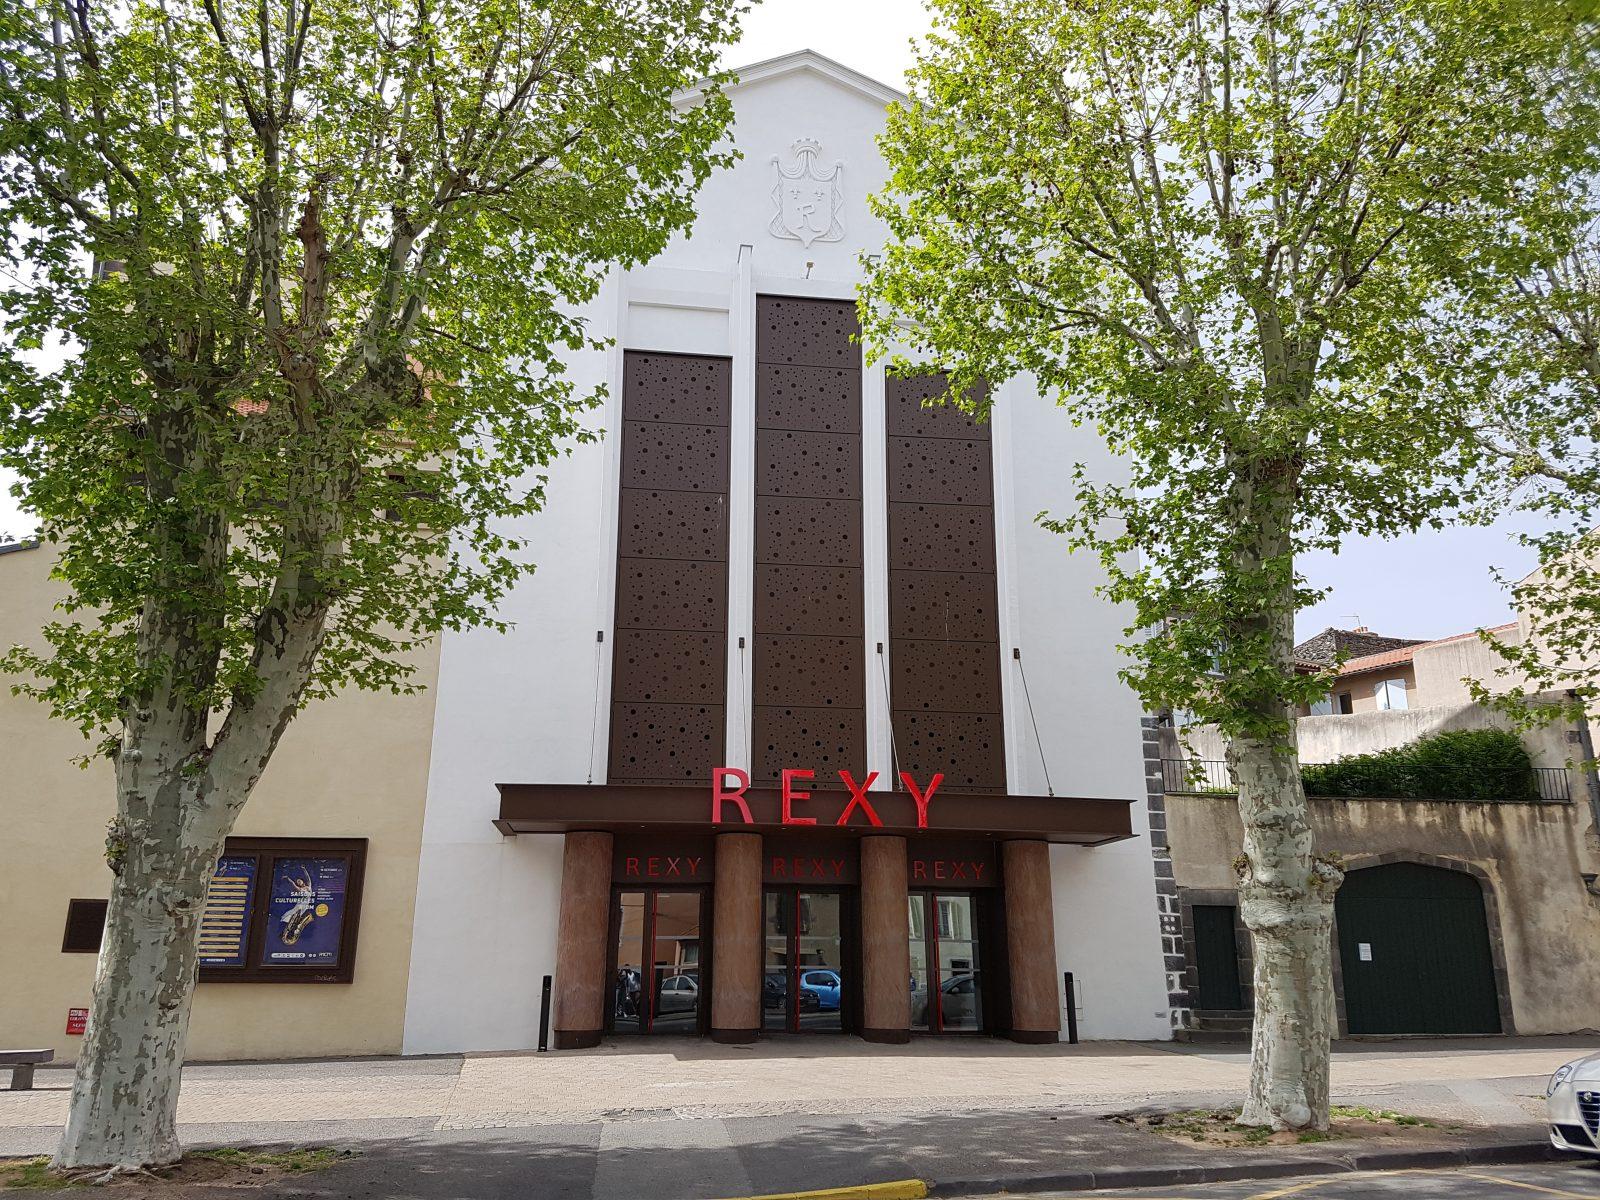 Forum Réxy